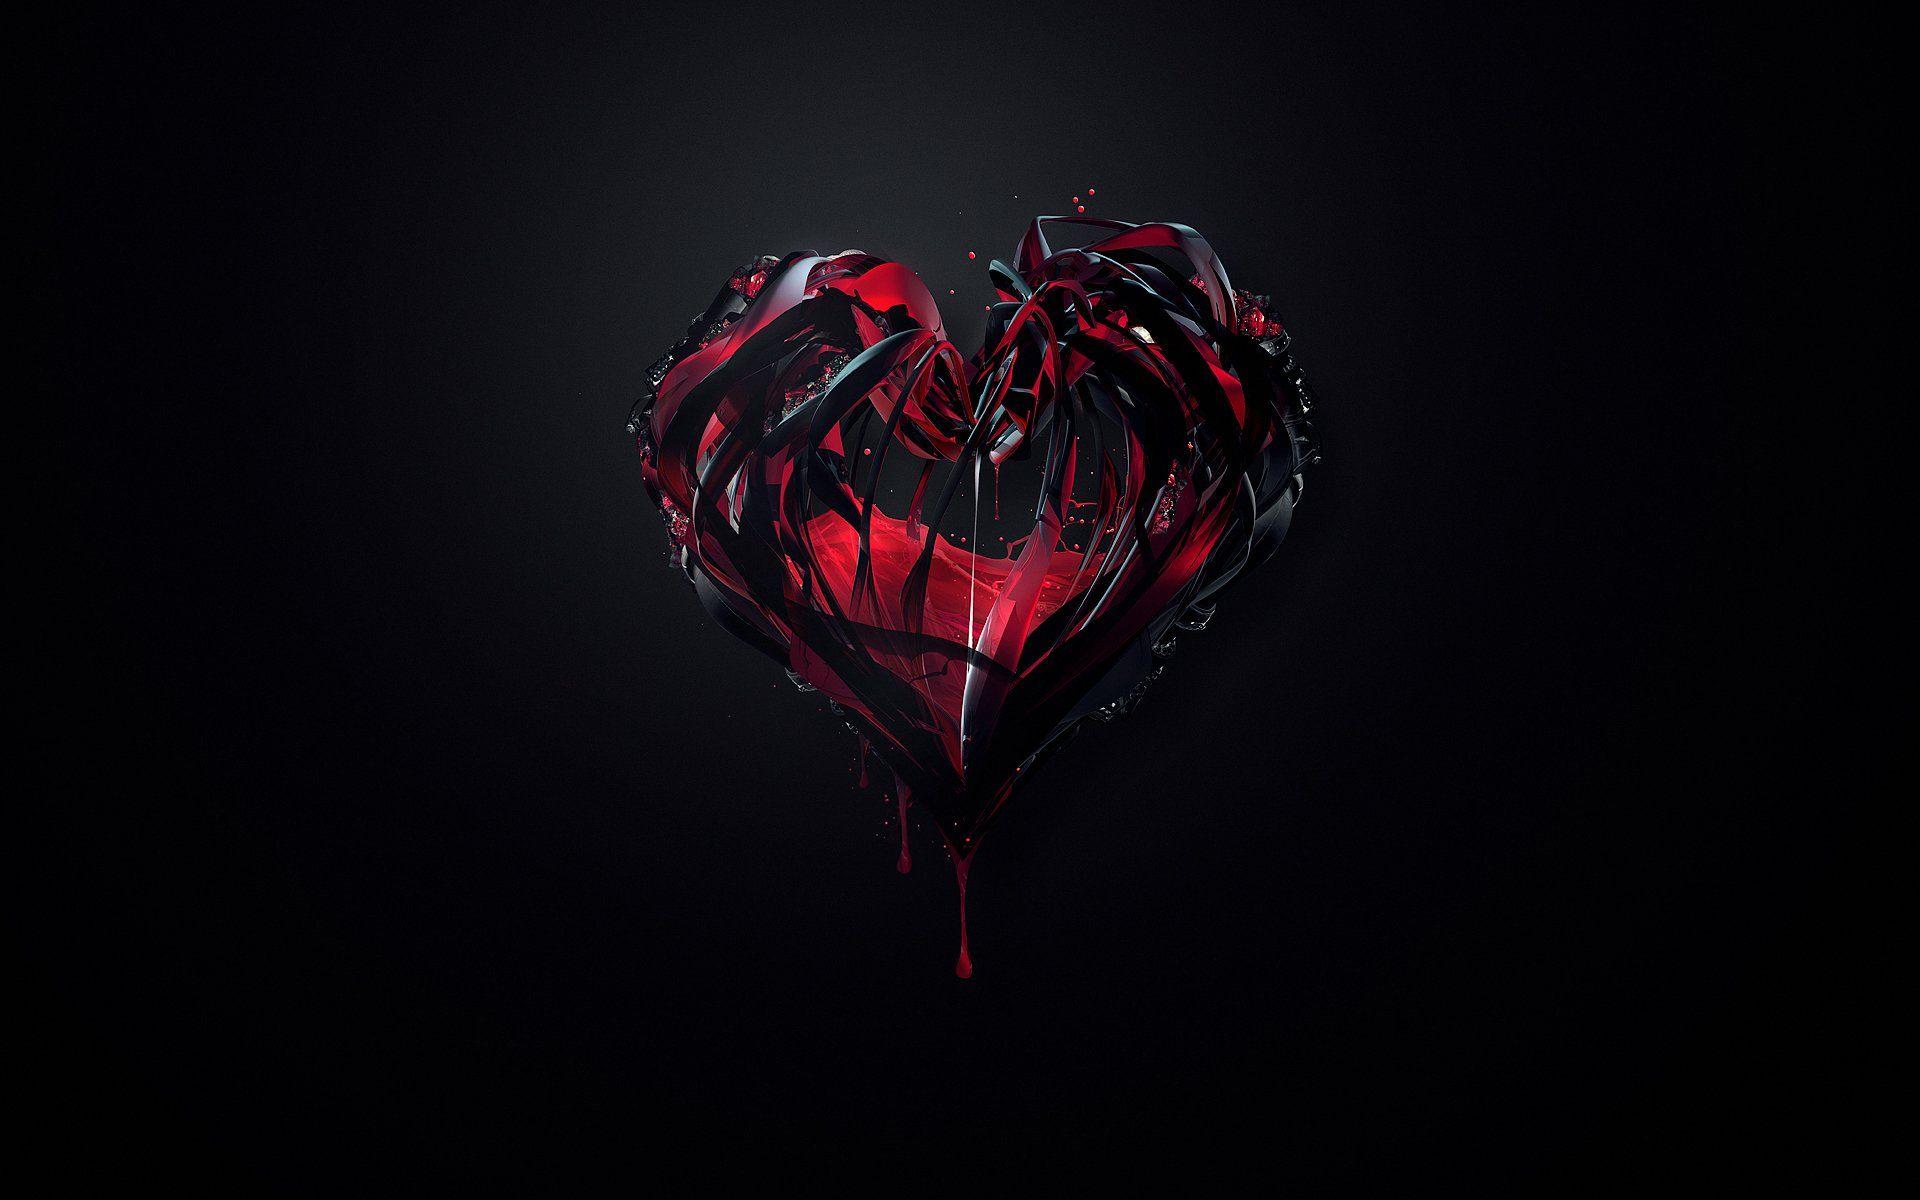 Black And Red Love Abstract Wallpaper HD Widescreen Freeknlknlknlknlknlknkln